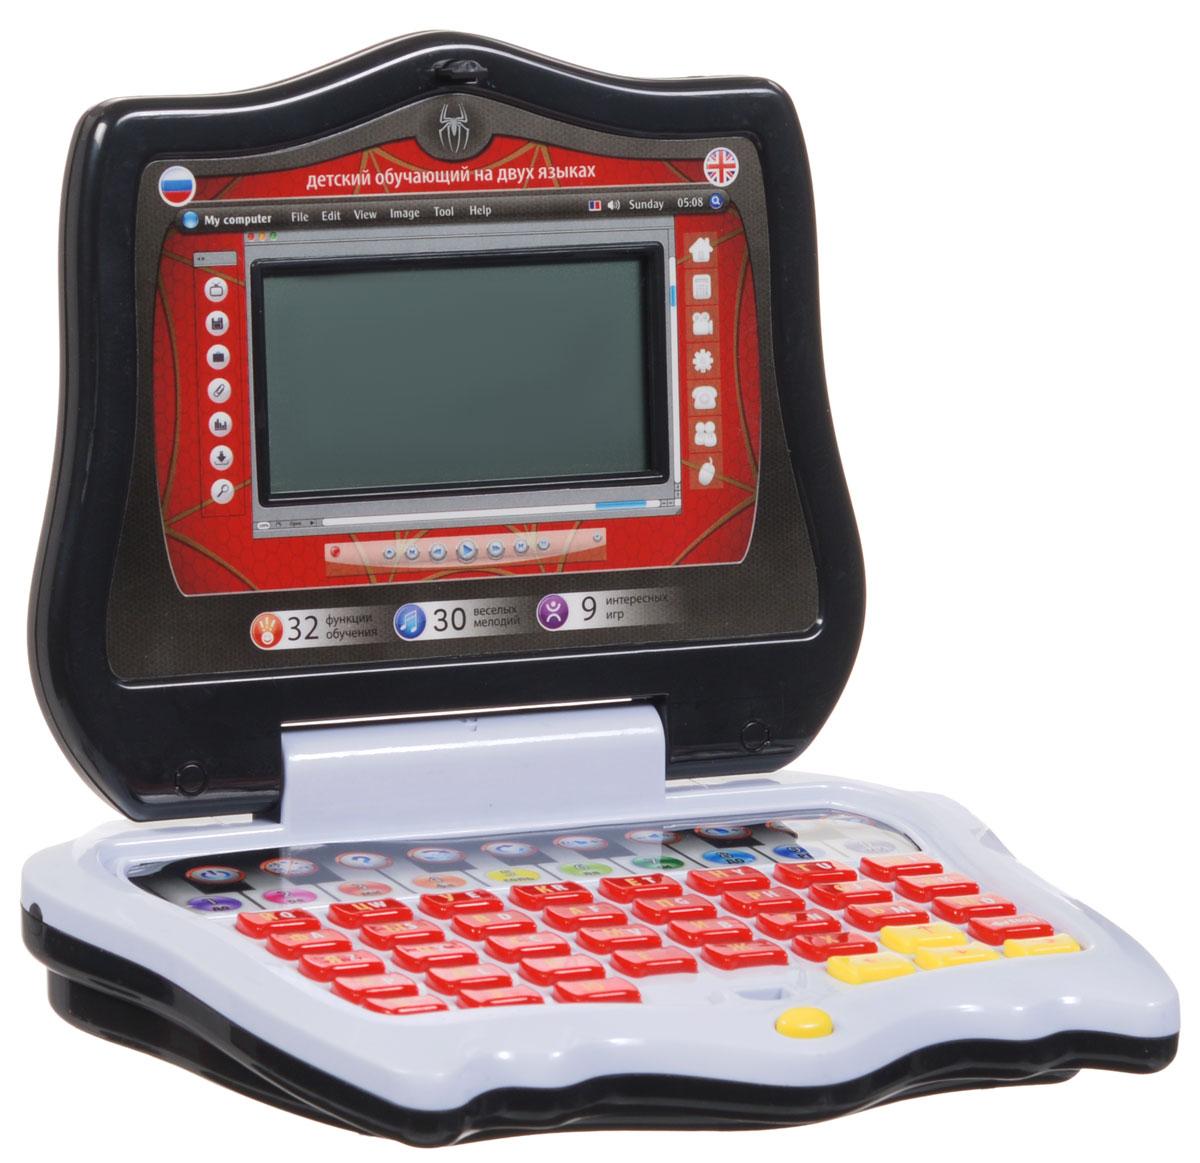 Joy Toy Электронная игрушка Компьютер обучающийA848-H05043Сегодня персональный компьютер часто есть у каждого члена семьи. Теперь и у малыша может быть собственный ПК! Электронная игрушка Joy Toy Компьютер включает 32 упражнения на двух языках, русском и английском, благодаря которым можно изучить буквы, слова, орфографию и цифры, а также 30 мелодий и 9 увлекательных игр. Компьютер тренирует память и развивает логику, безопасен для зрения, оформлен в стиле Человека-Паука. В комплекте с компьютером прилагается проводная мышка. Для работы игрушки необходимы 3 батарейки типа АА (не входят в комплект).